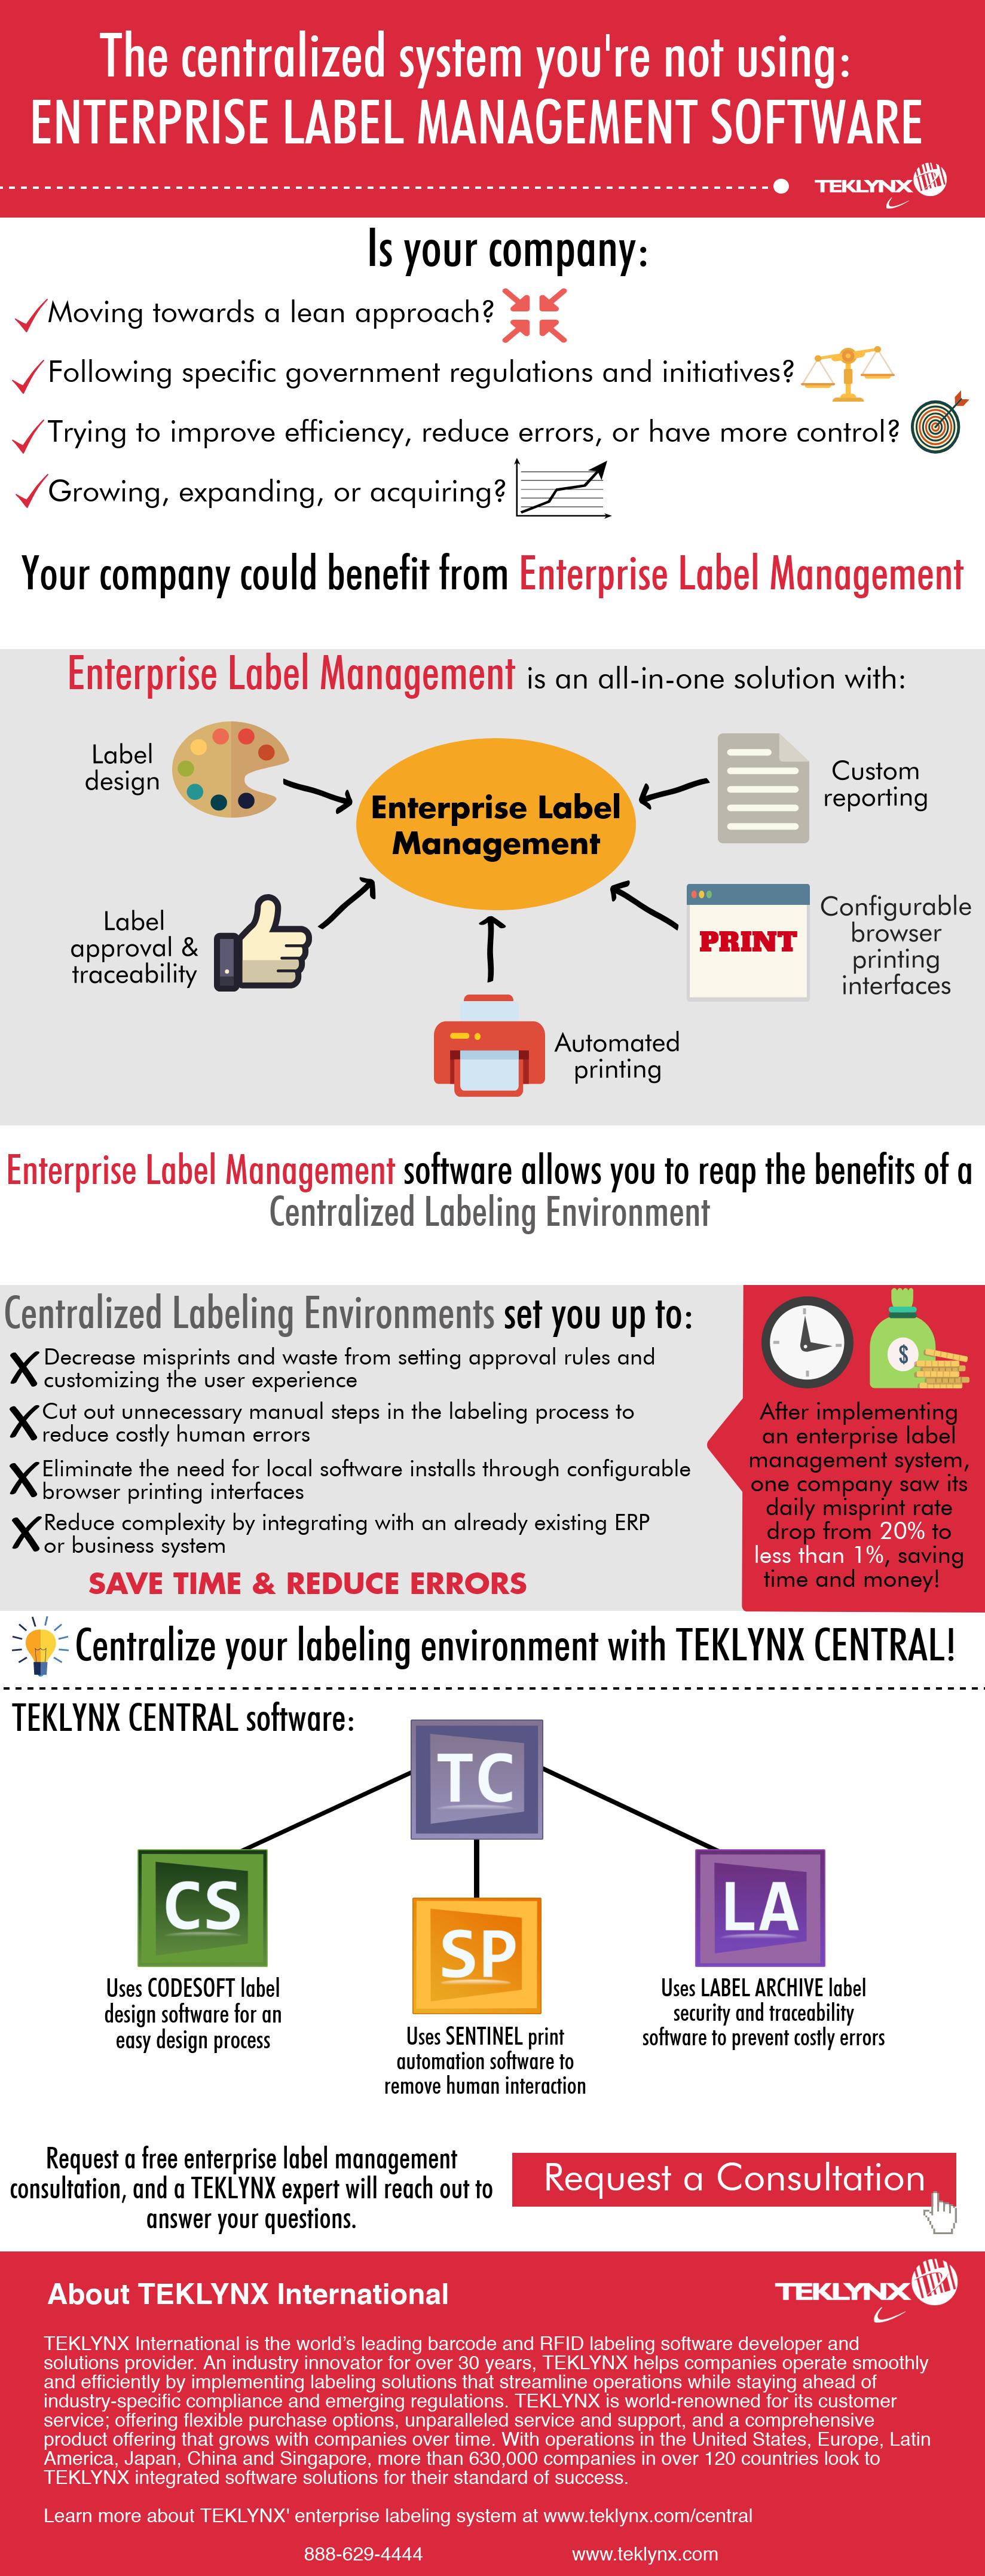 Le système centralisé que vous n'utilisez pas :  Logiciel de gestion d'étiquetage d'entreprise